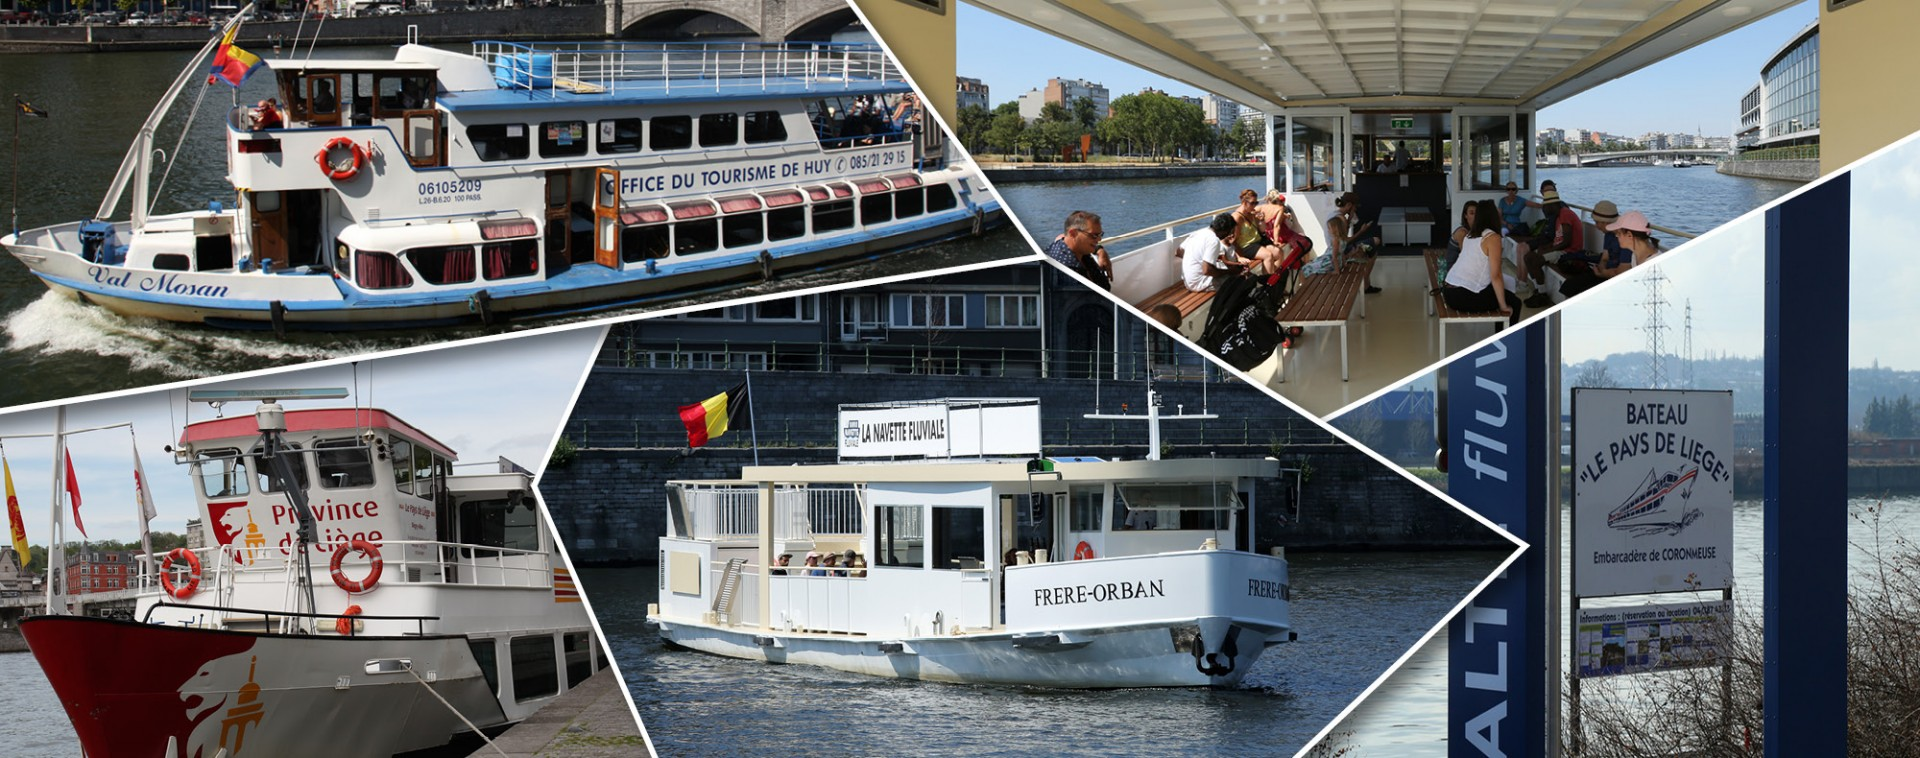 Tourisme fluvial en province de Liège | © FTPL - Patrice Fagnoul